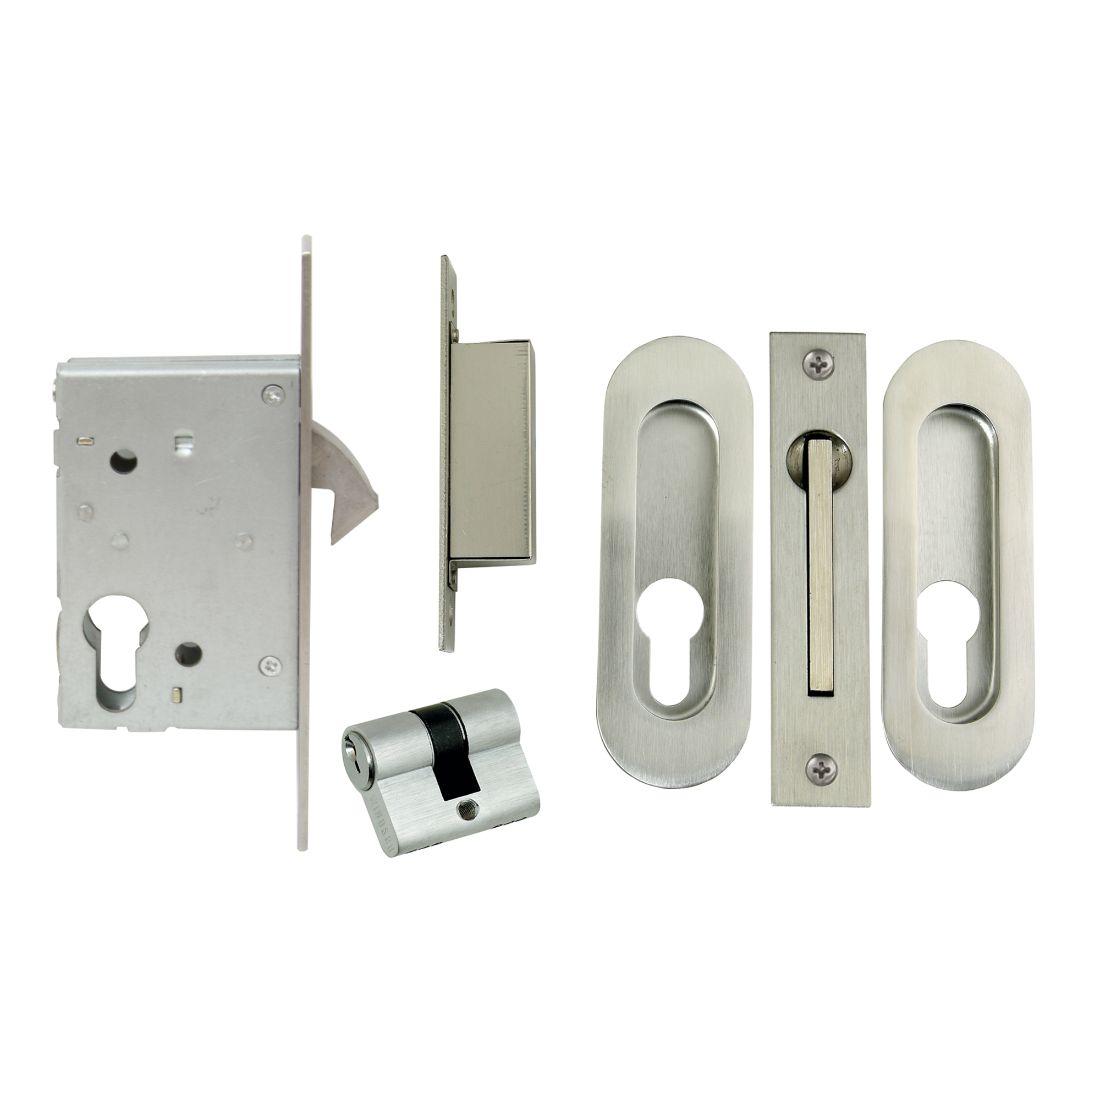 Sliding Door Lock Kit Oval Flushpulls Stainless Steel